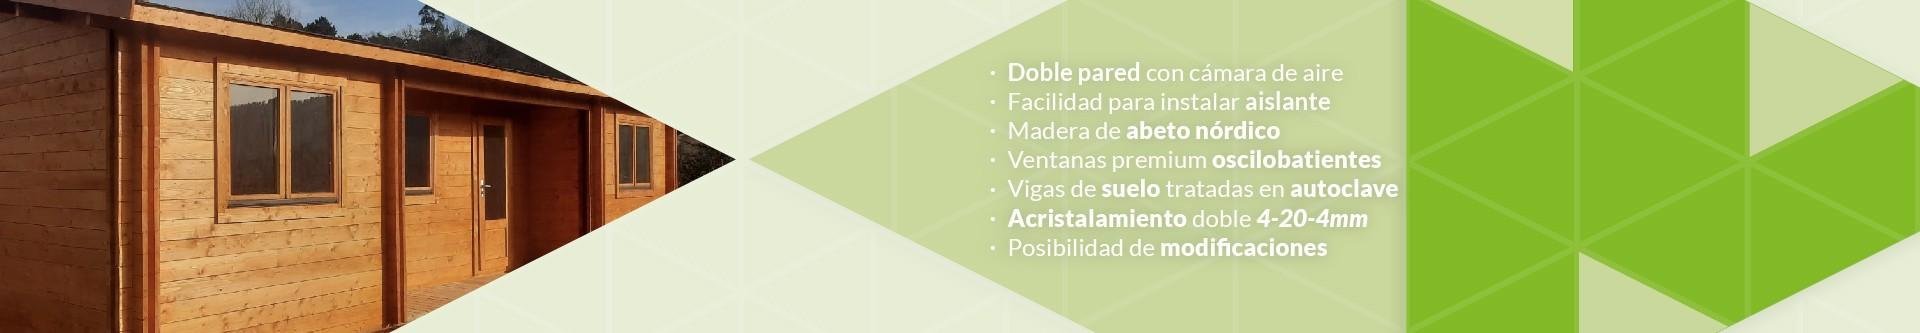 EuroCasetas - Cases de fusta / En grossor de 44+44mm (Doble paret)